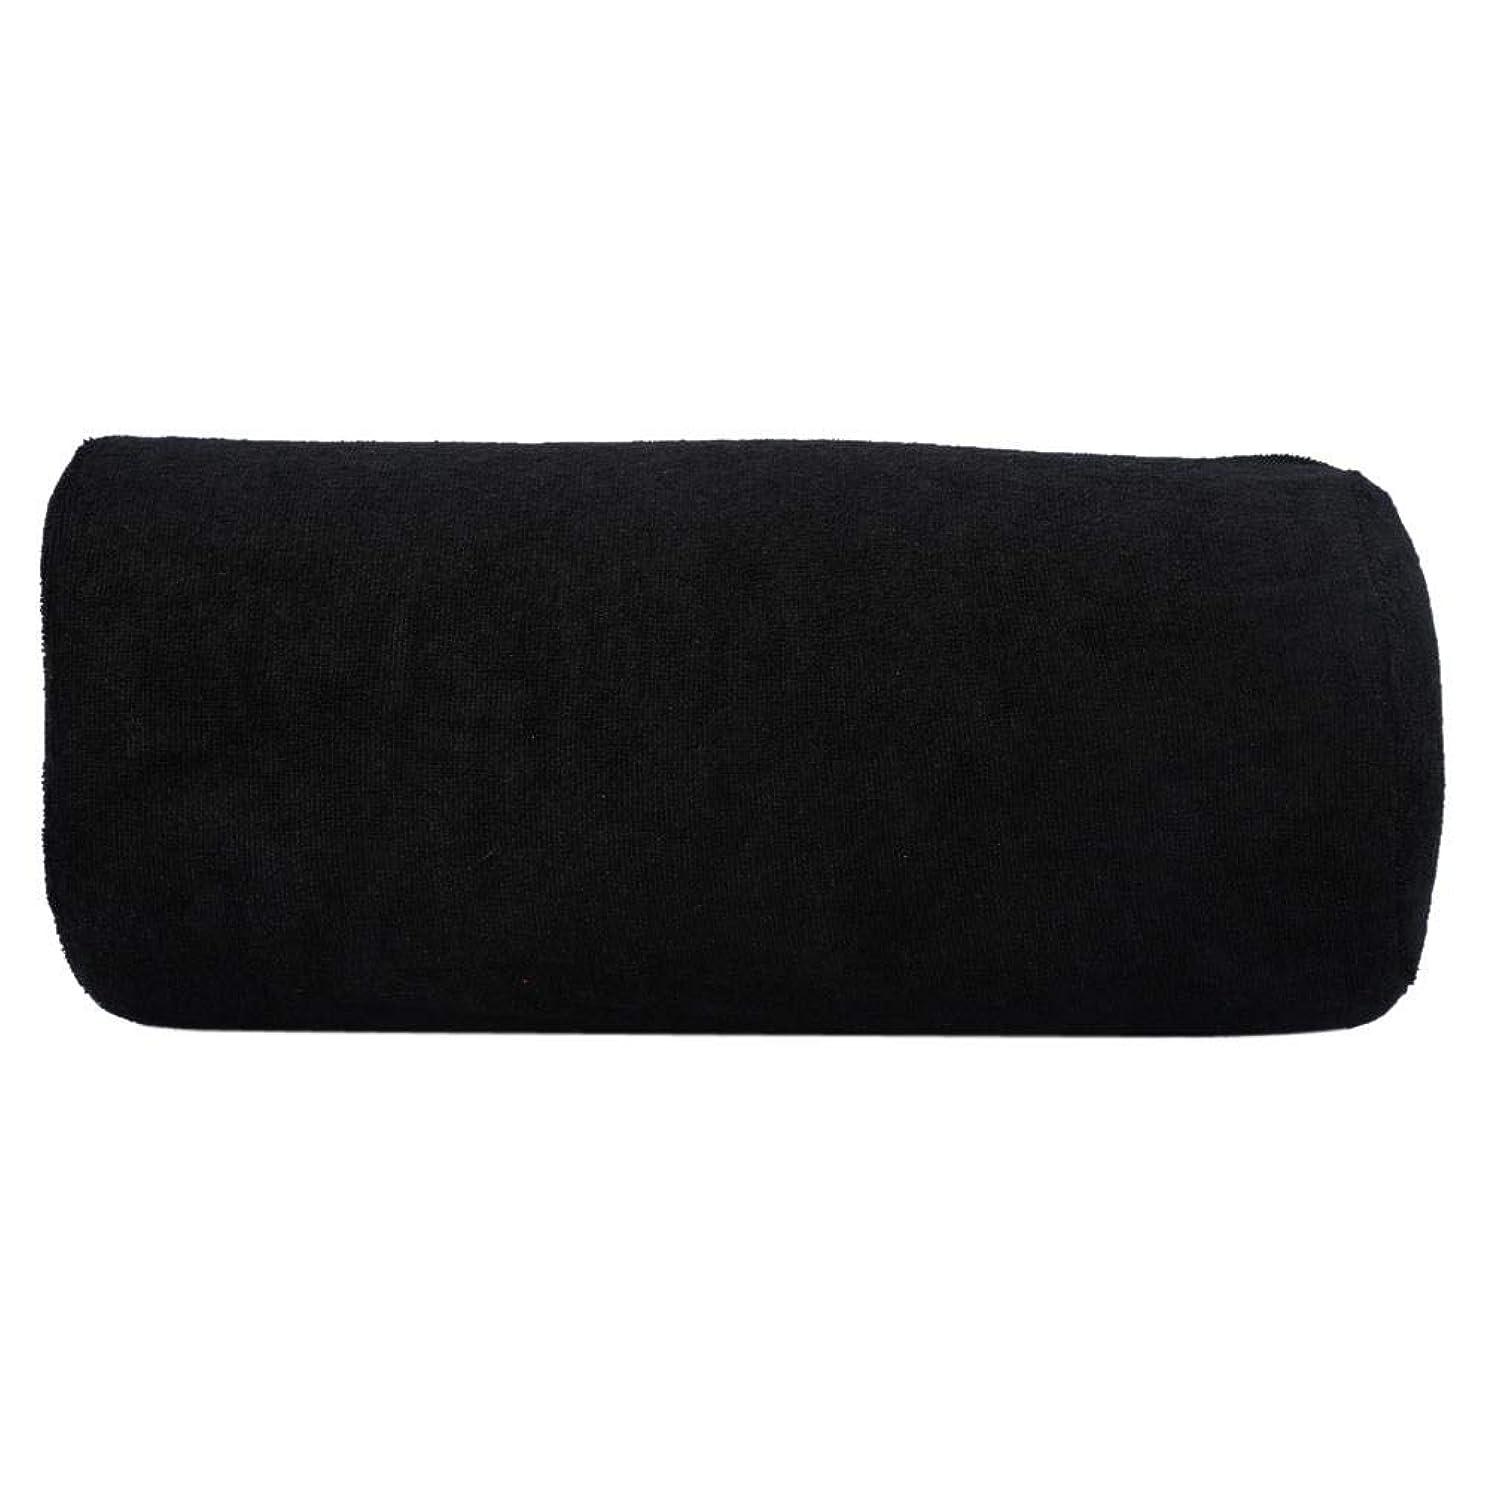 ポータブル粘り強い錫サロンハンドレストクッション、ネイルアートソフトピロー(ブラック)